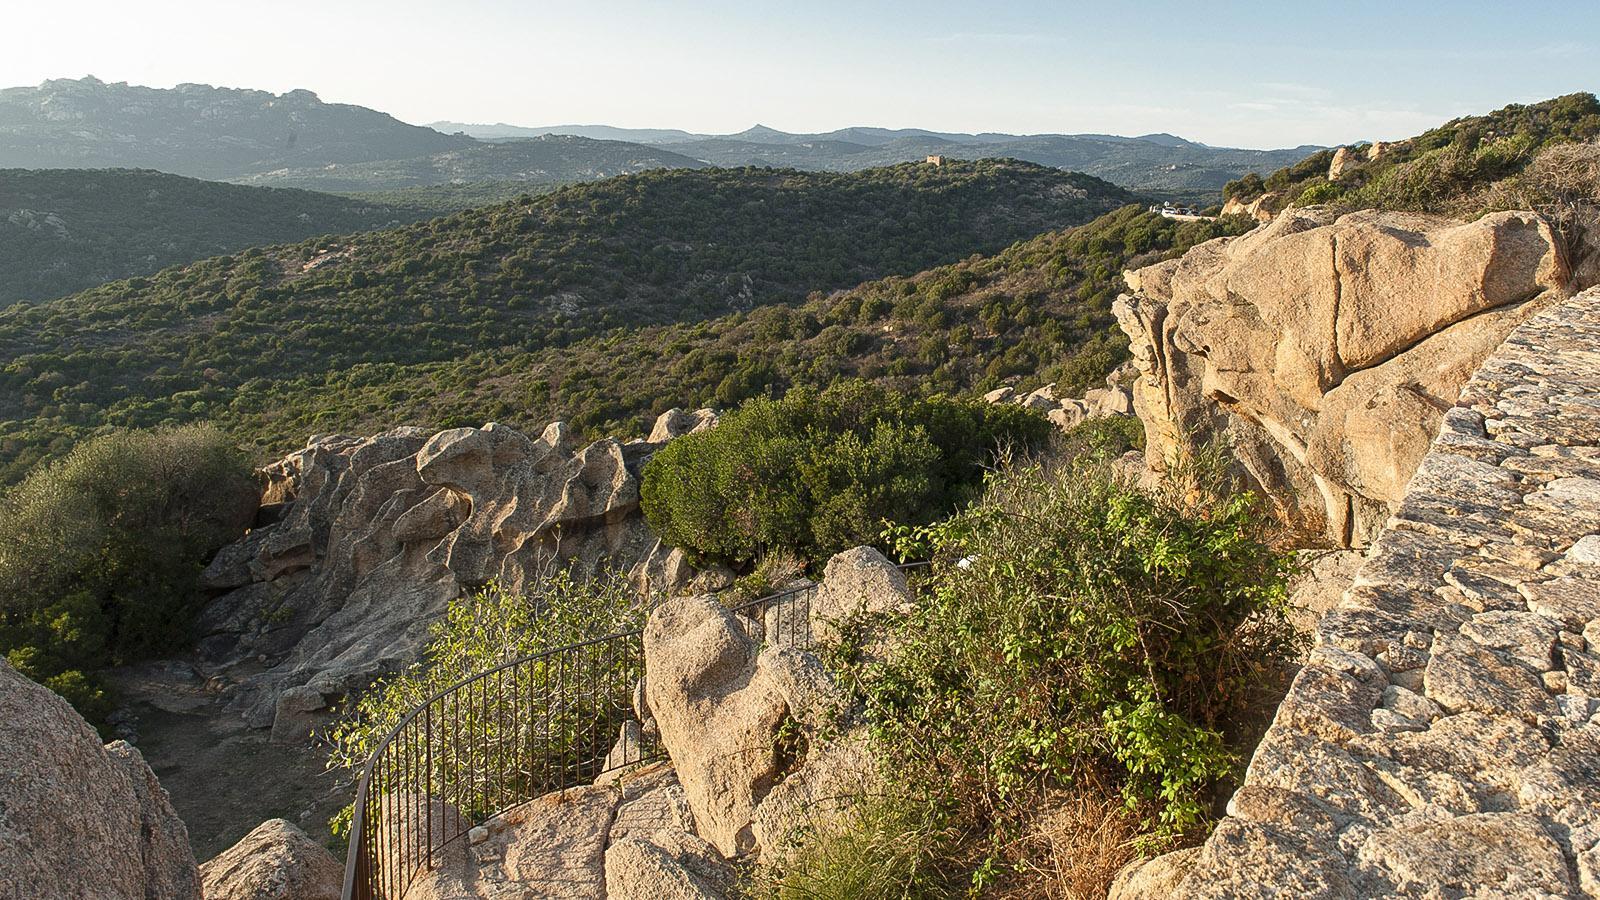 Die Landschaft bei Roccapina. Foto: Hilke Maunder